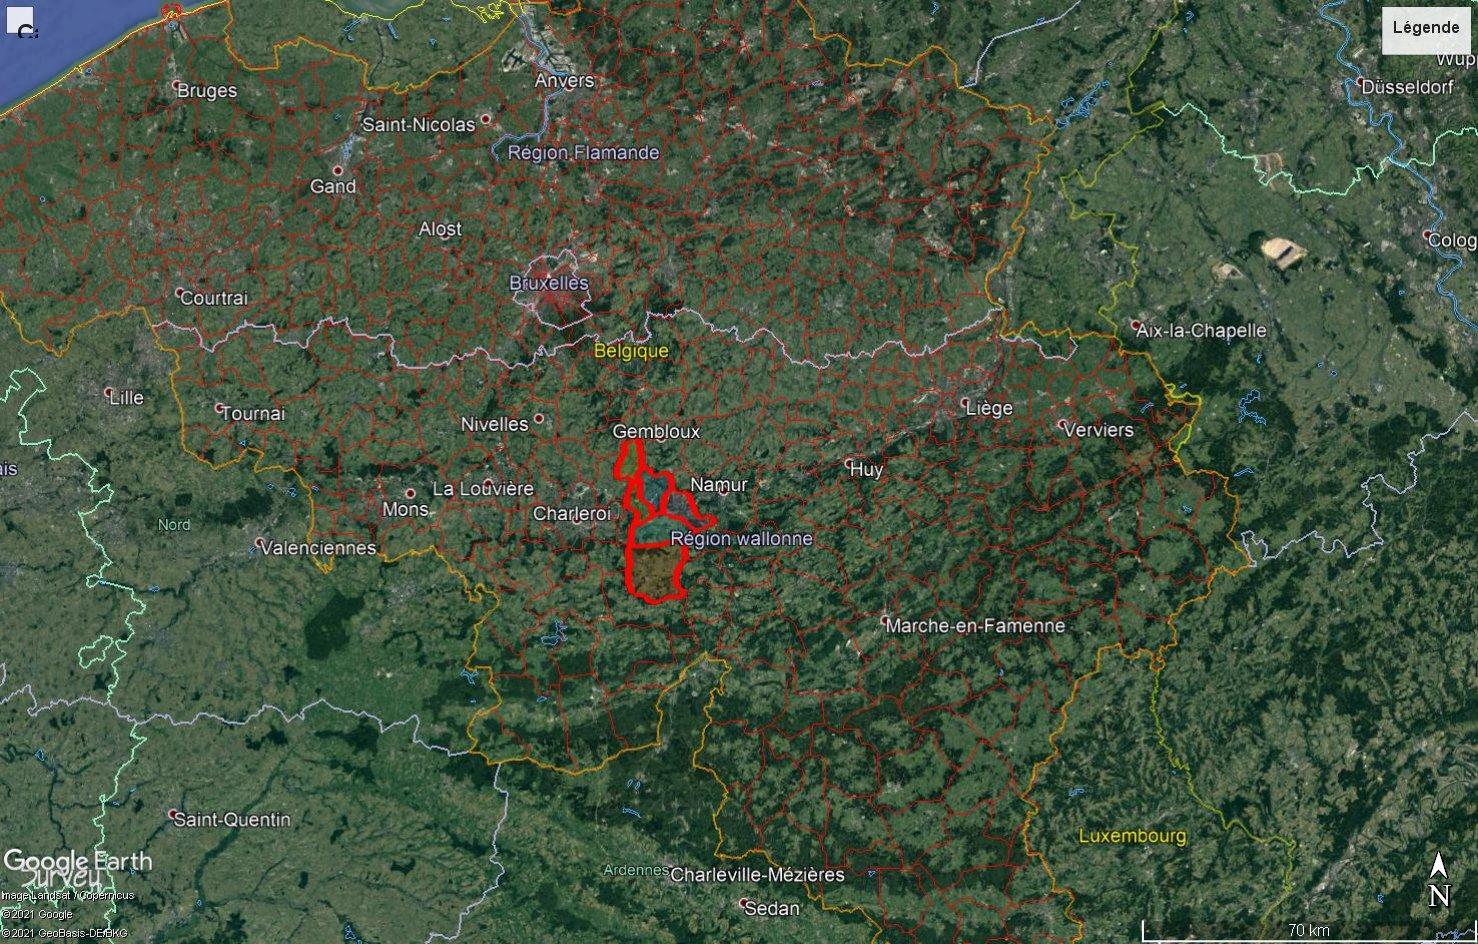 [KML] Limites des communes et arrondissements de Belgique avec Google Earth 210709081126971618